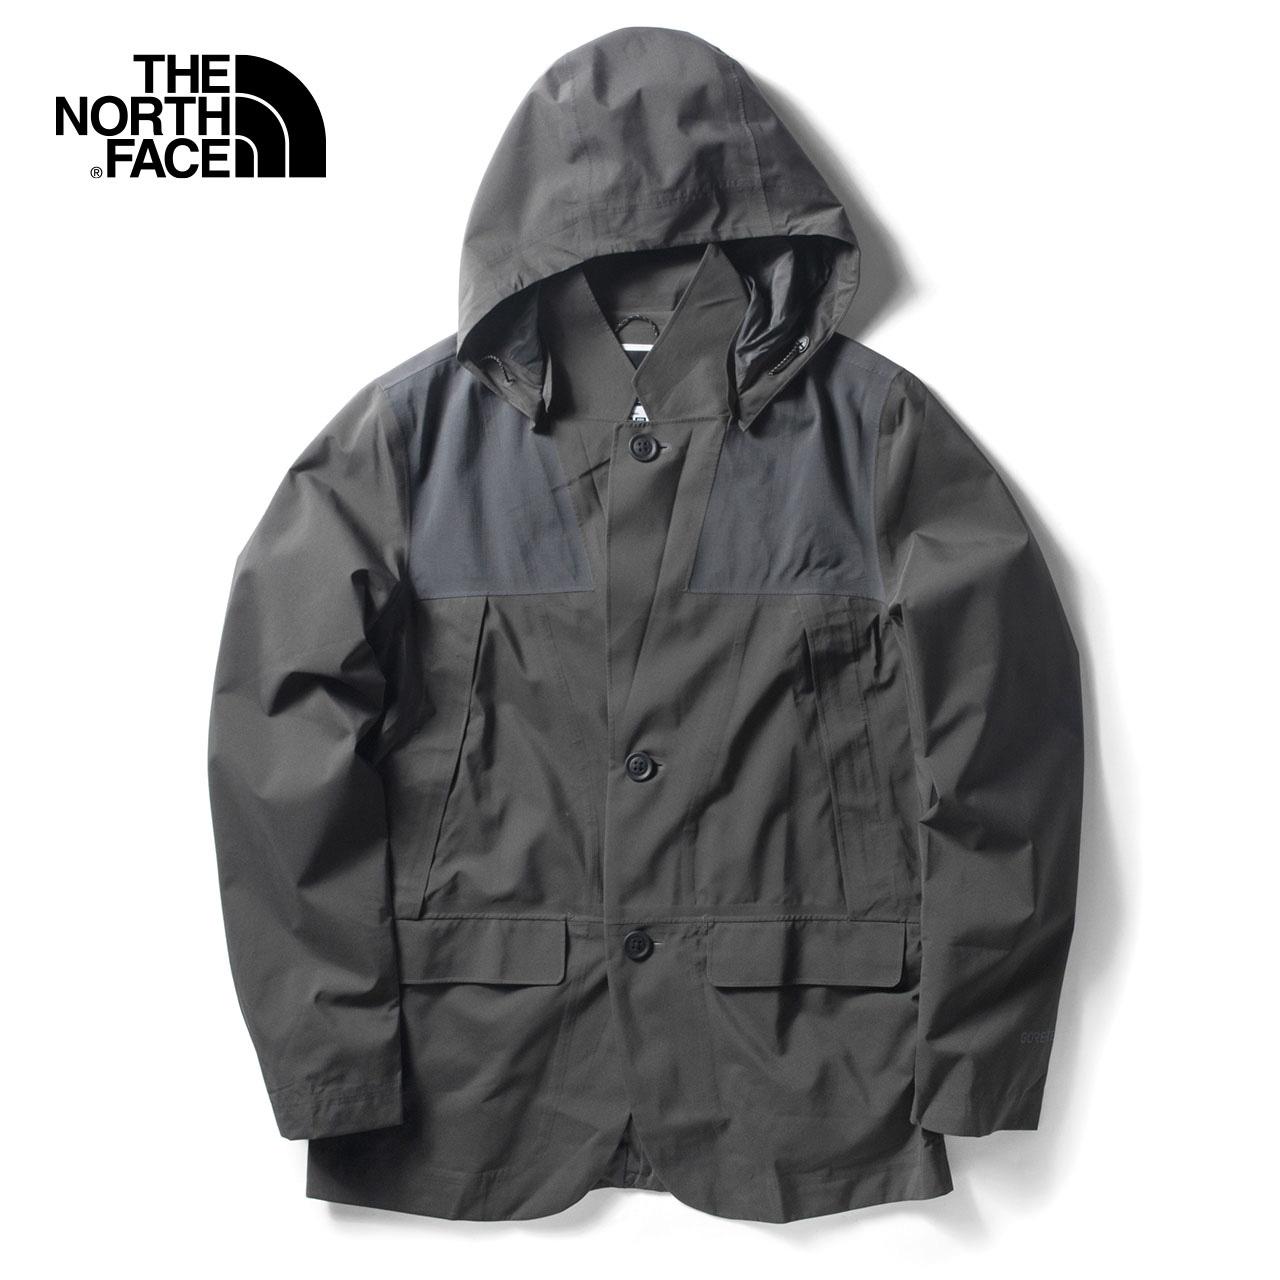 THE NORTH FACE UR系列 369D GTX防水透气 连帽 男士休闲西服